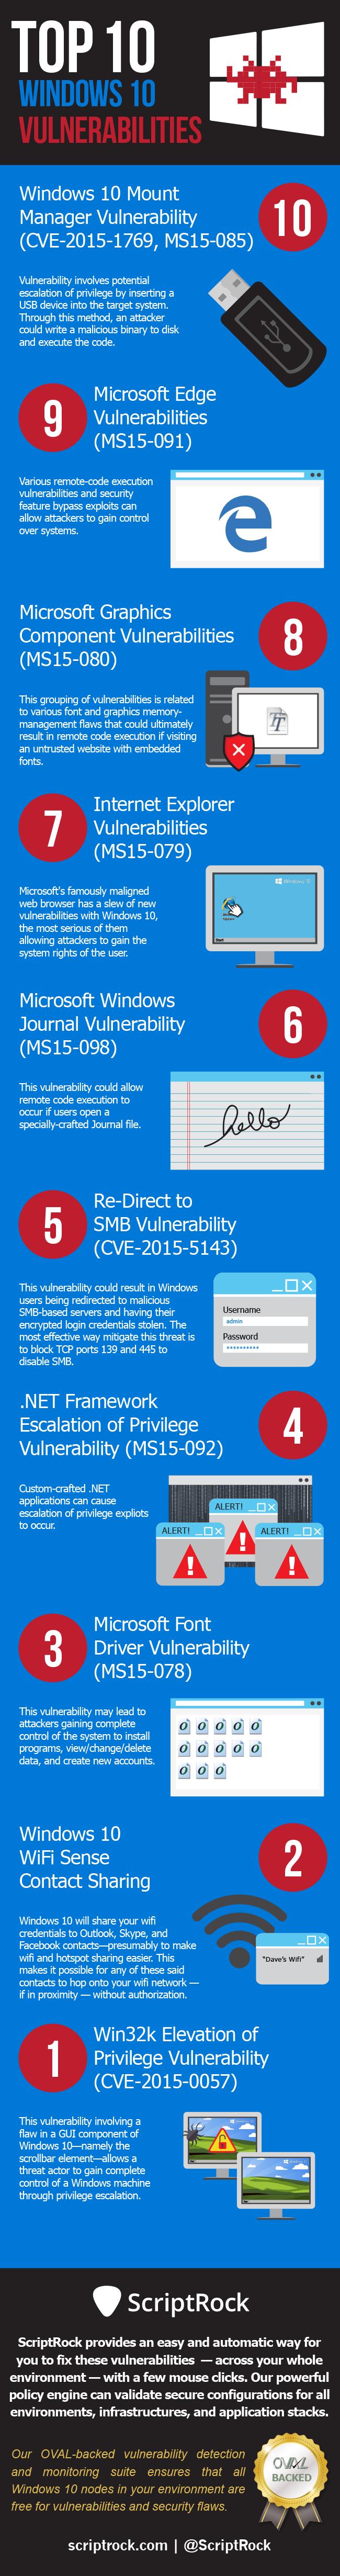 Top 10 Windows 10 Vulnerabilities